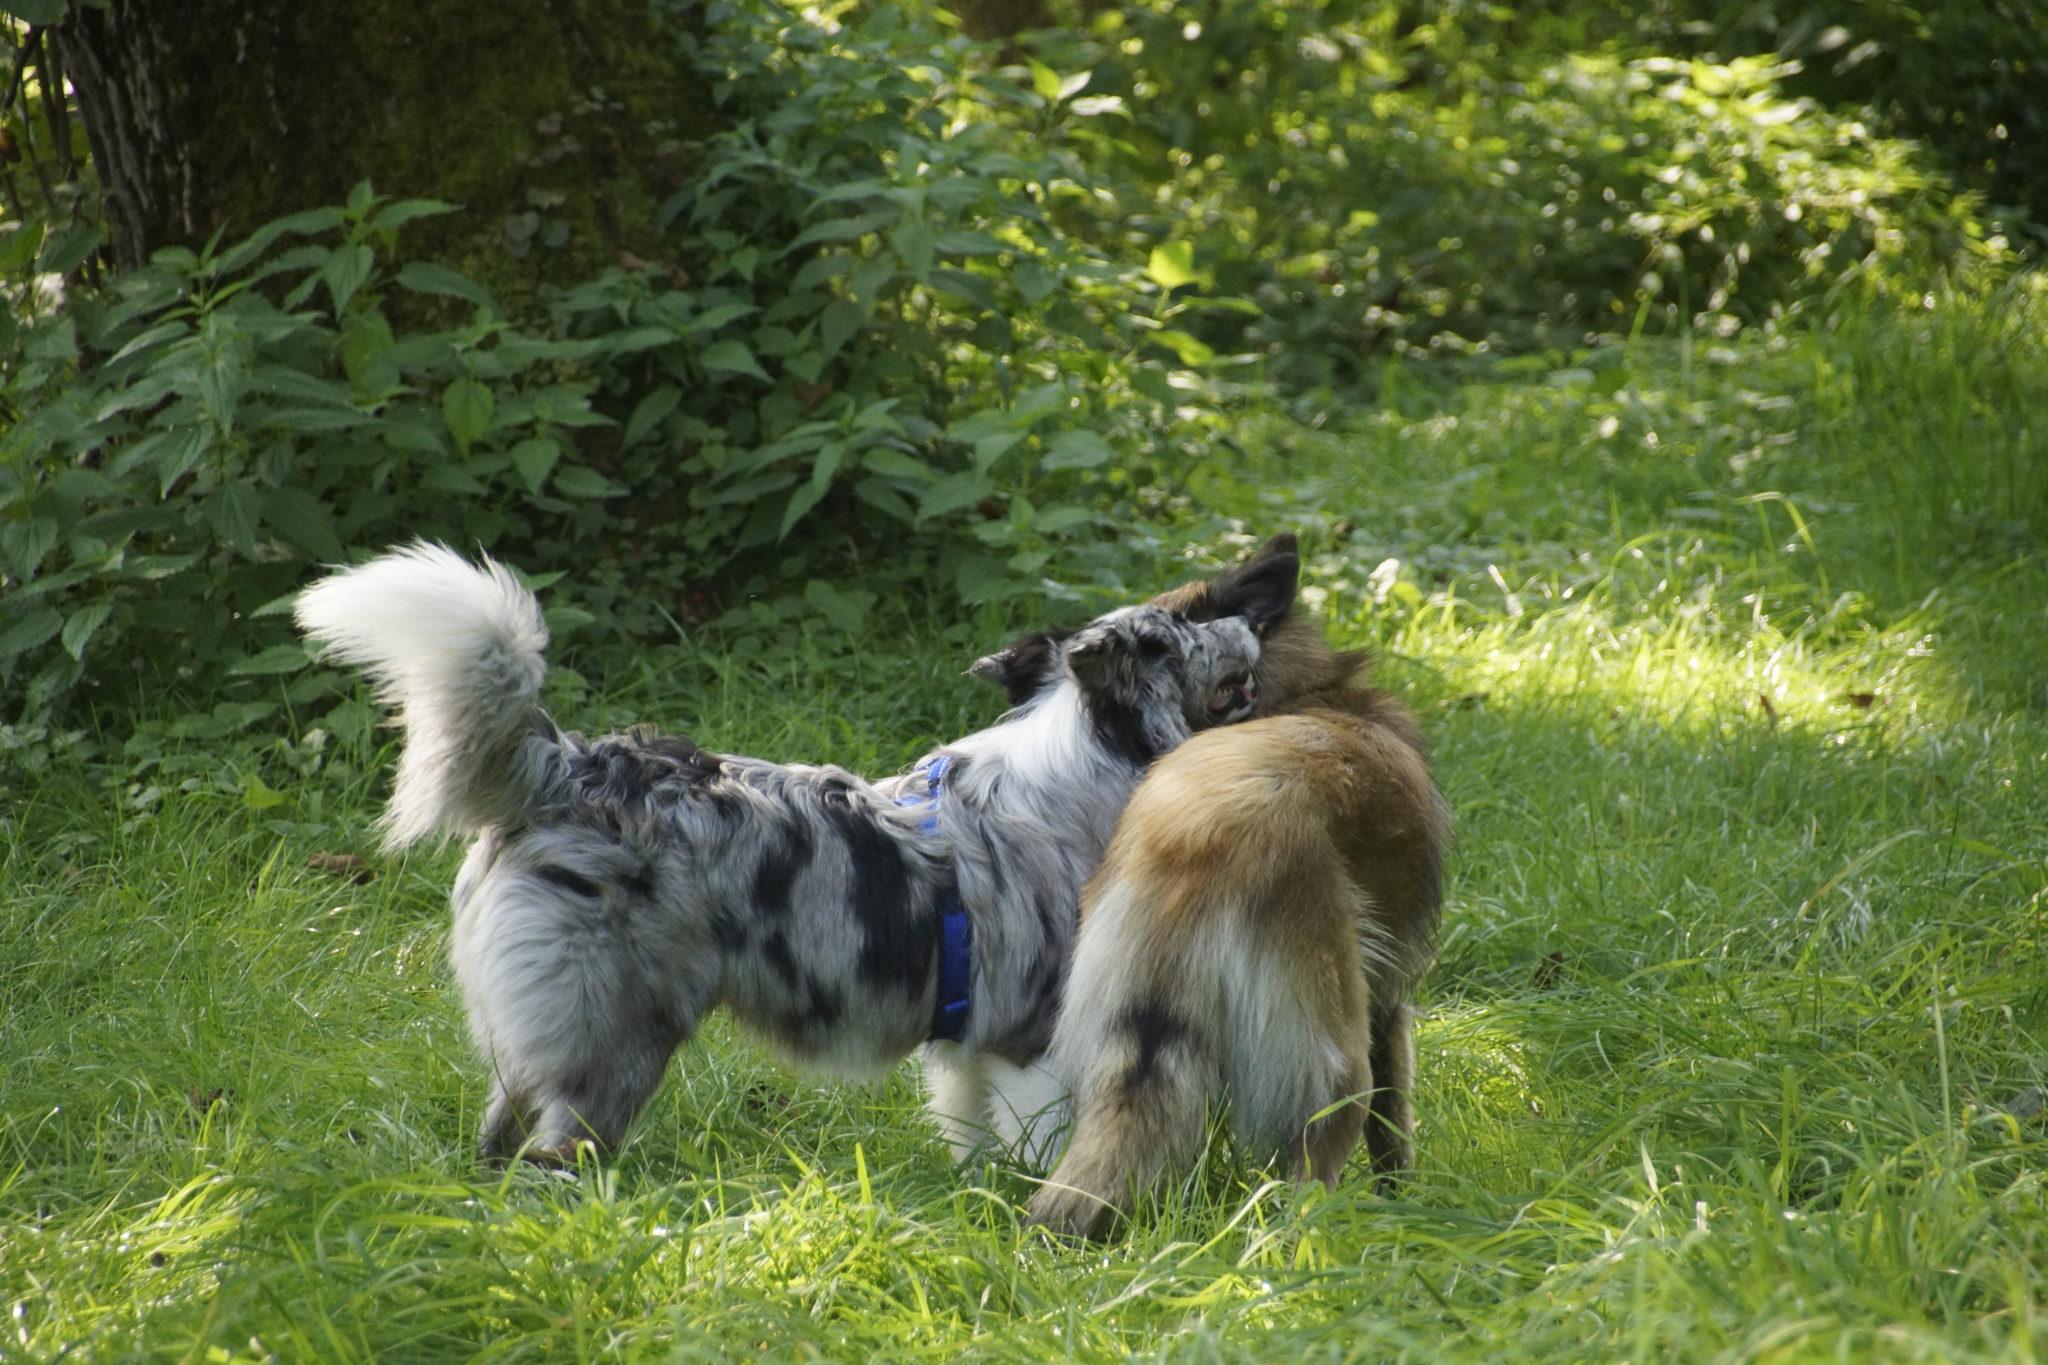 Hunde untereinander, 2 Hunde kommunizieren wunderbar